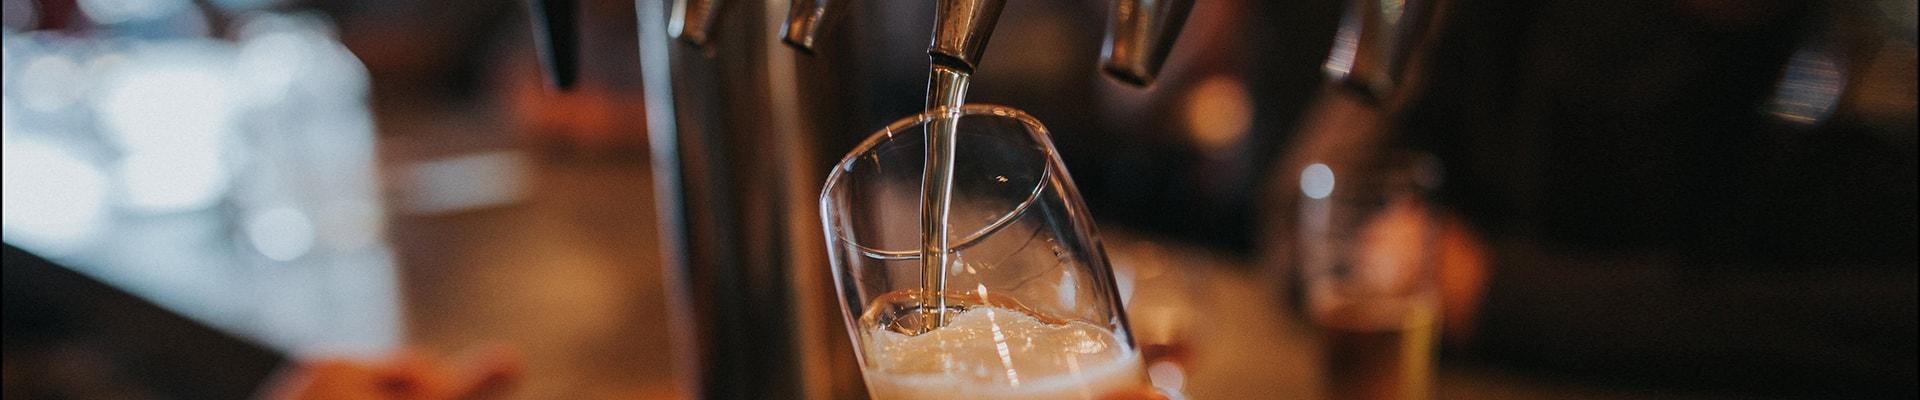 Curso de Sommelier de Cervejas Profissional